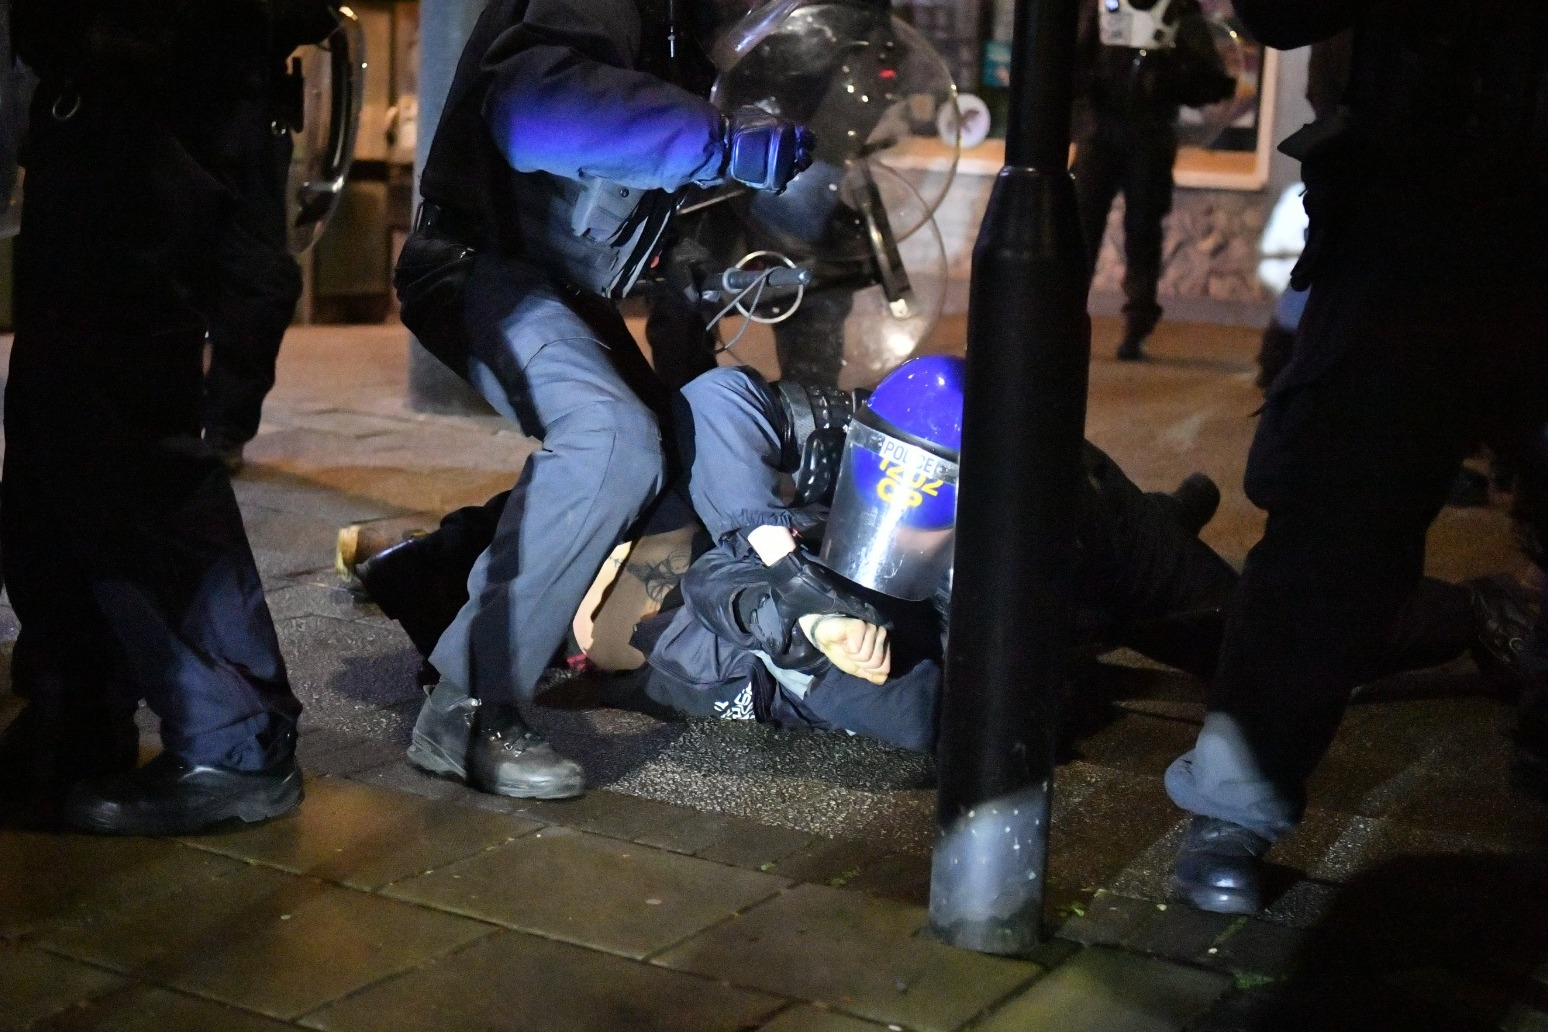 Ten arrested amid violence at third Kill the Bill demonstration in Bristol